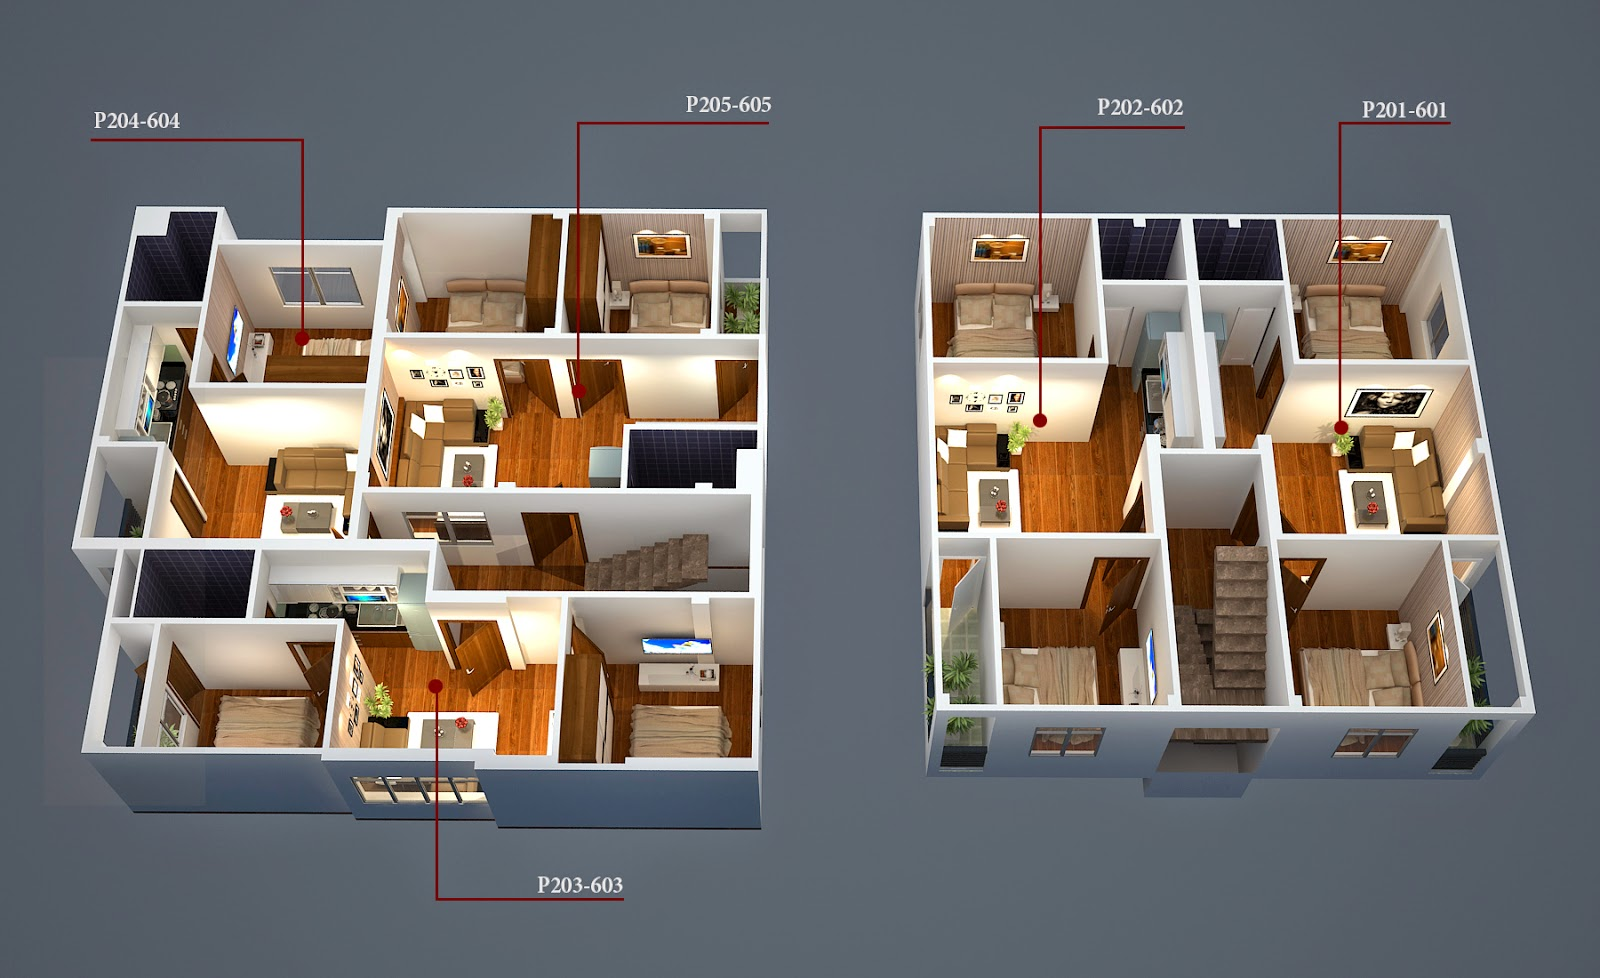 chung cư mini giá rẻ| chung cư mini nhật tảo 6| chung cư giá rẻ hà nội